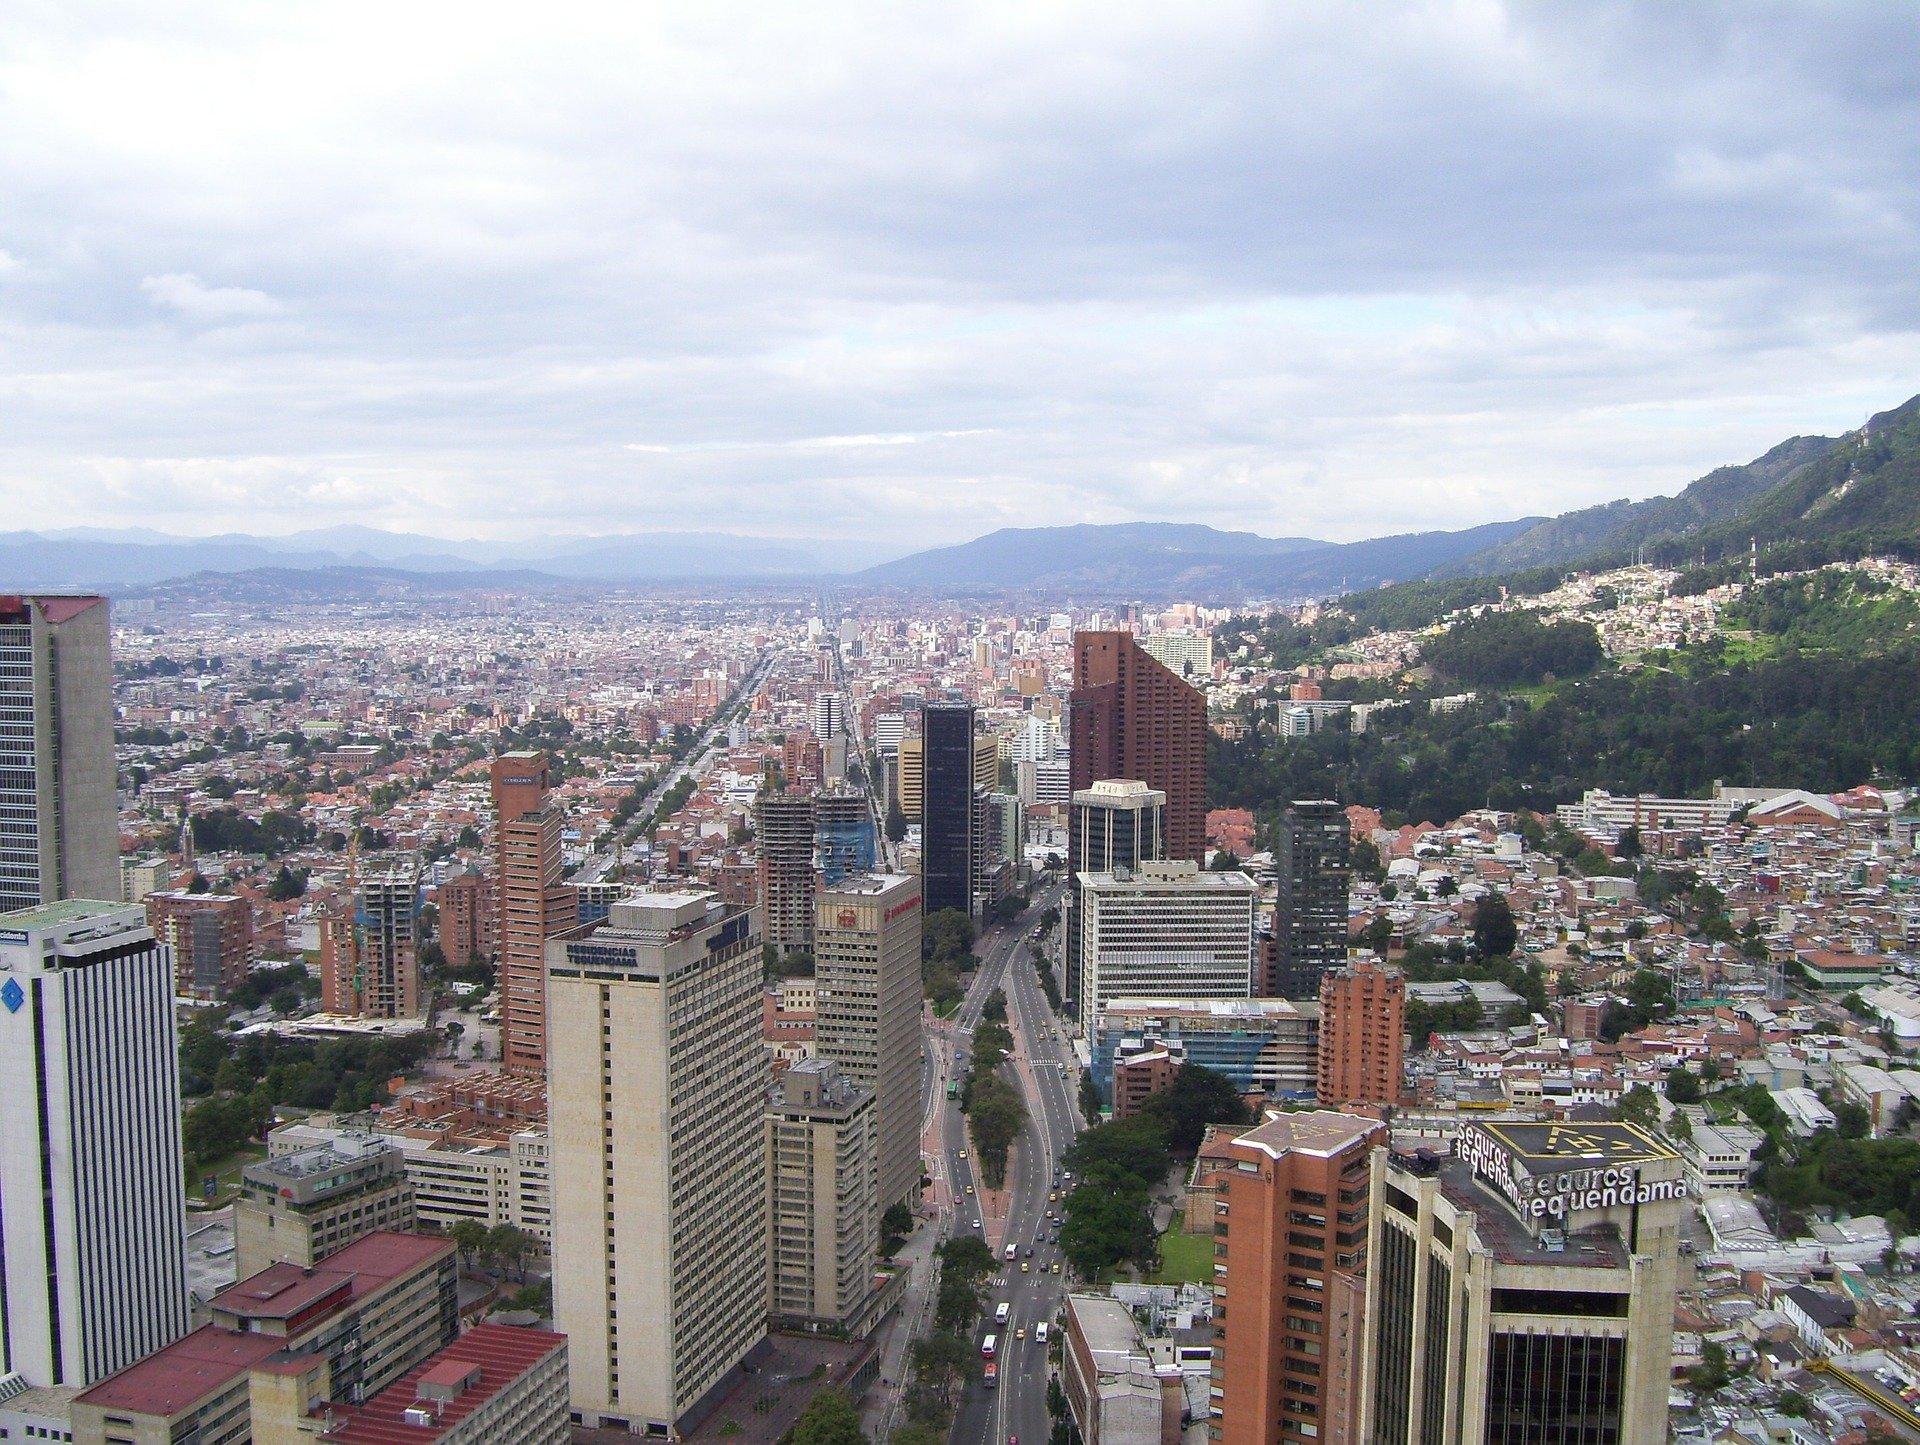 2021-07-26-Colombia Stimuleert De Cannabisindustrie Door Het Verbod Op De Export Van Droge Bloemen Op Te HeffenColombia Stimuleert De Cannabisindustrie Door Het Verbod Op De Export Van Droge Bloemen Op Te Heffen